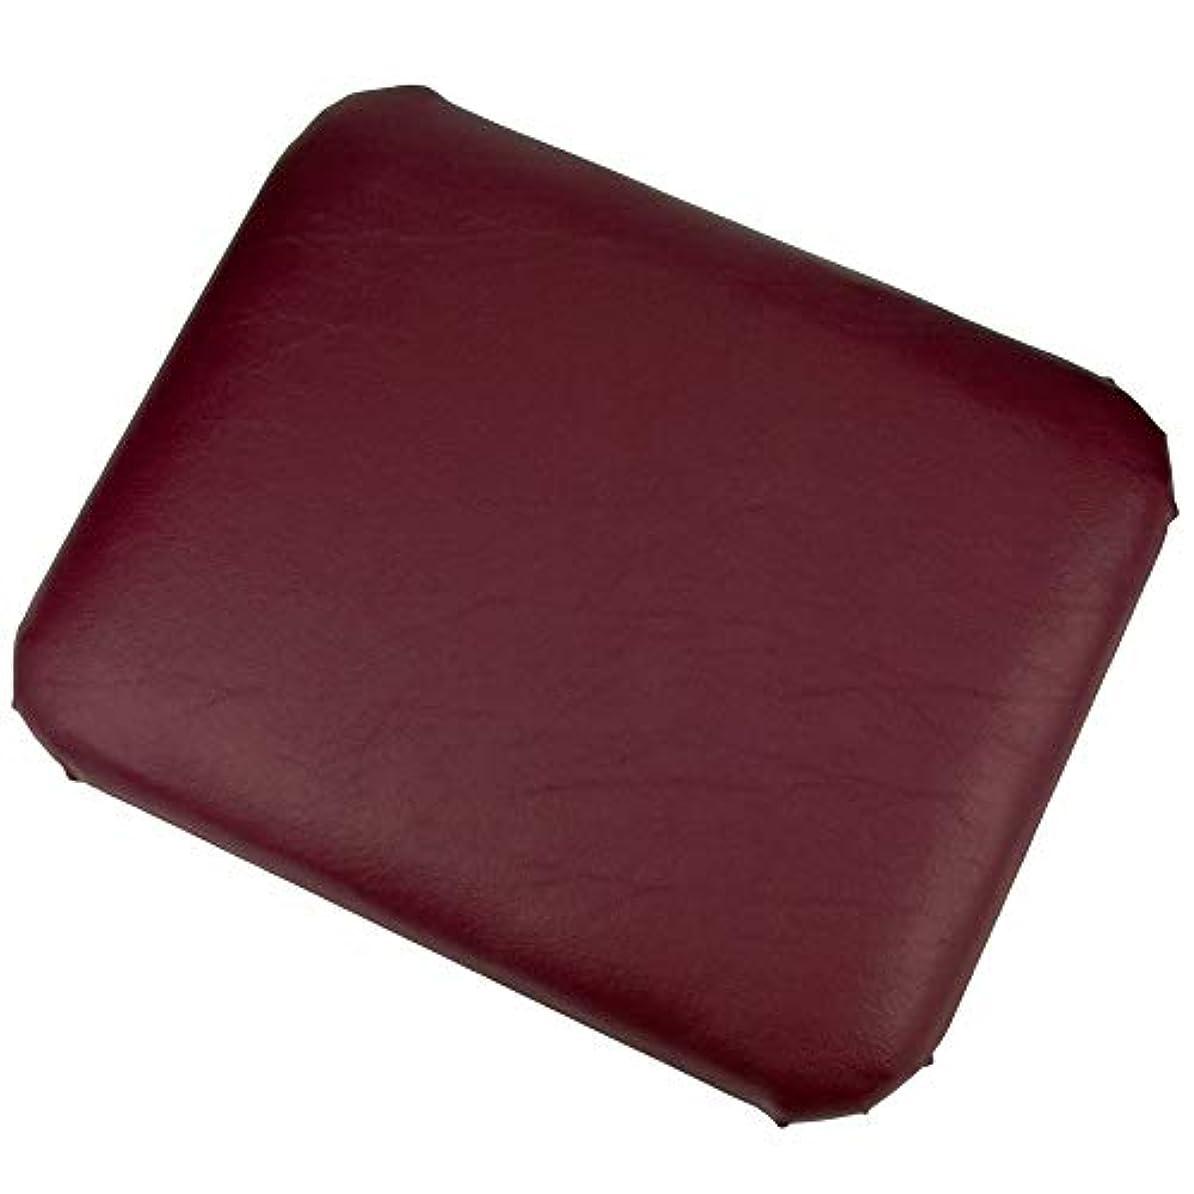 ハウス仮定アレンジLLOYD (ロイド) テーブルボード 骨盤 マッサージ 柔らかすぎる テーブル や ベッド を安定させ 脊椎 の 前方変位 の 矯正 などにも最適 【ルビー】